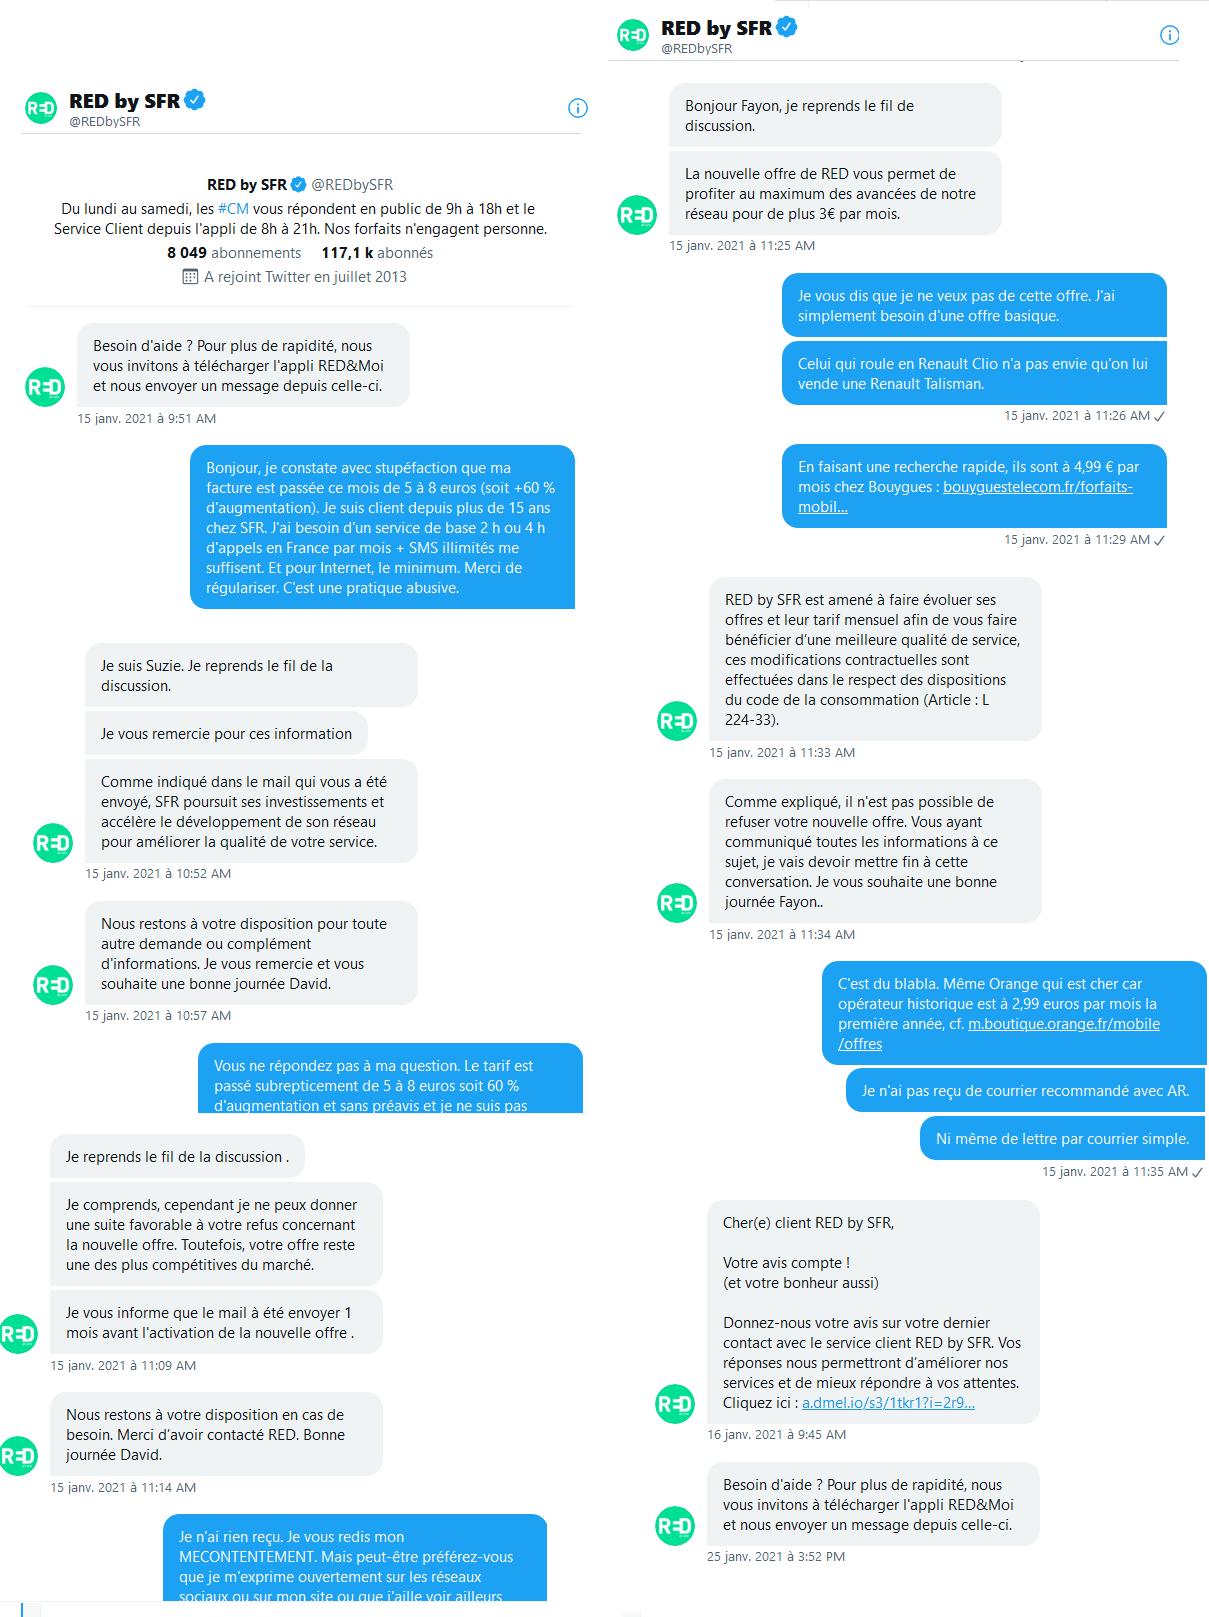 extraits d'échanges avec le compte Twitter de SFR et alternativement bots et humains